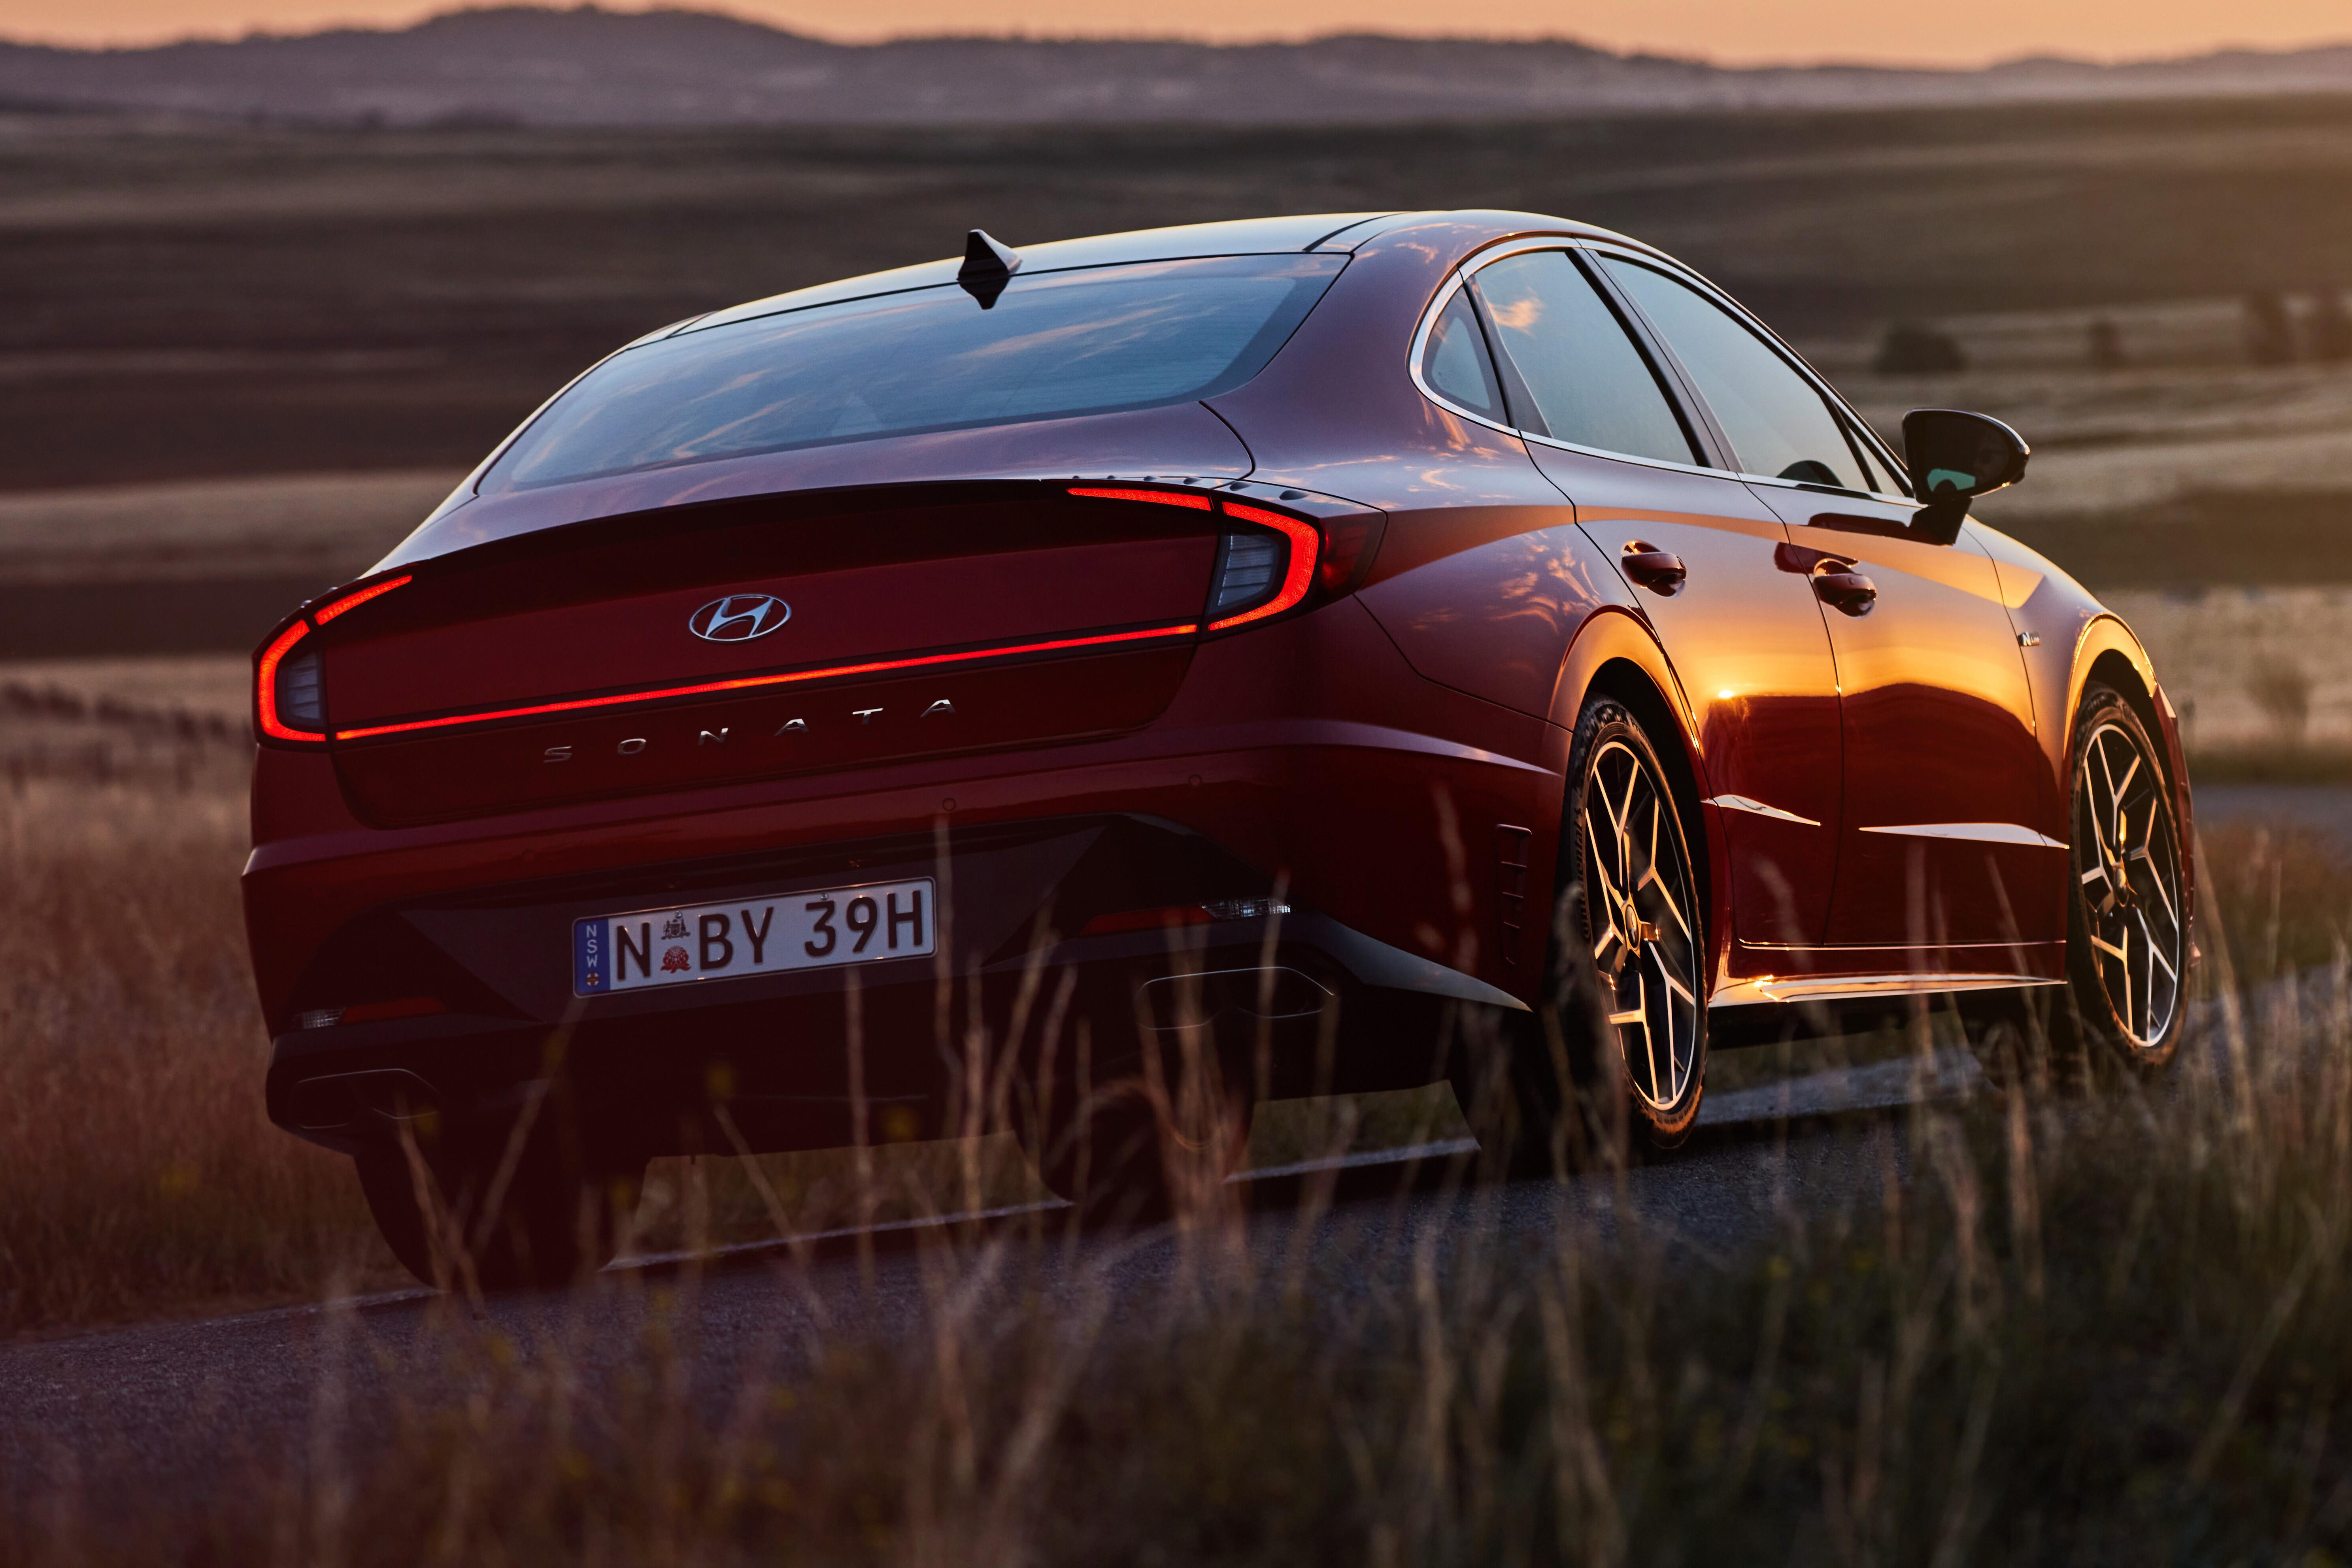 Wheels Reviews 2021 Hyundai Sonata N Line Review Australia 42 A